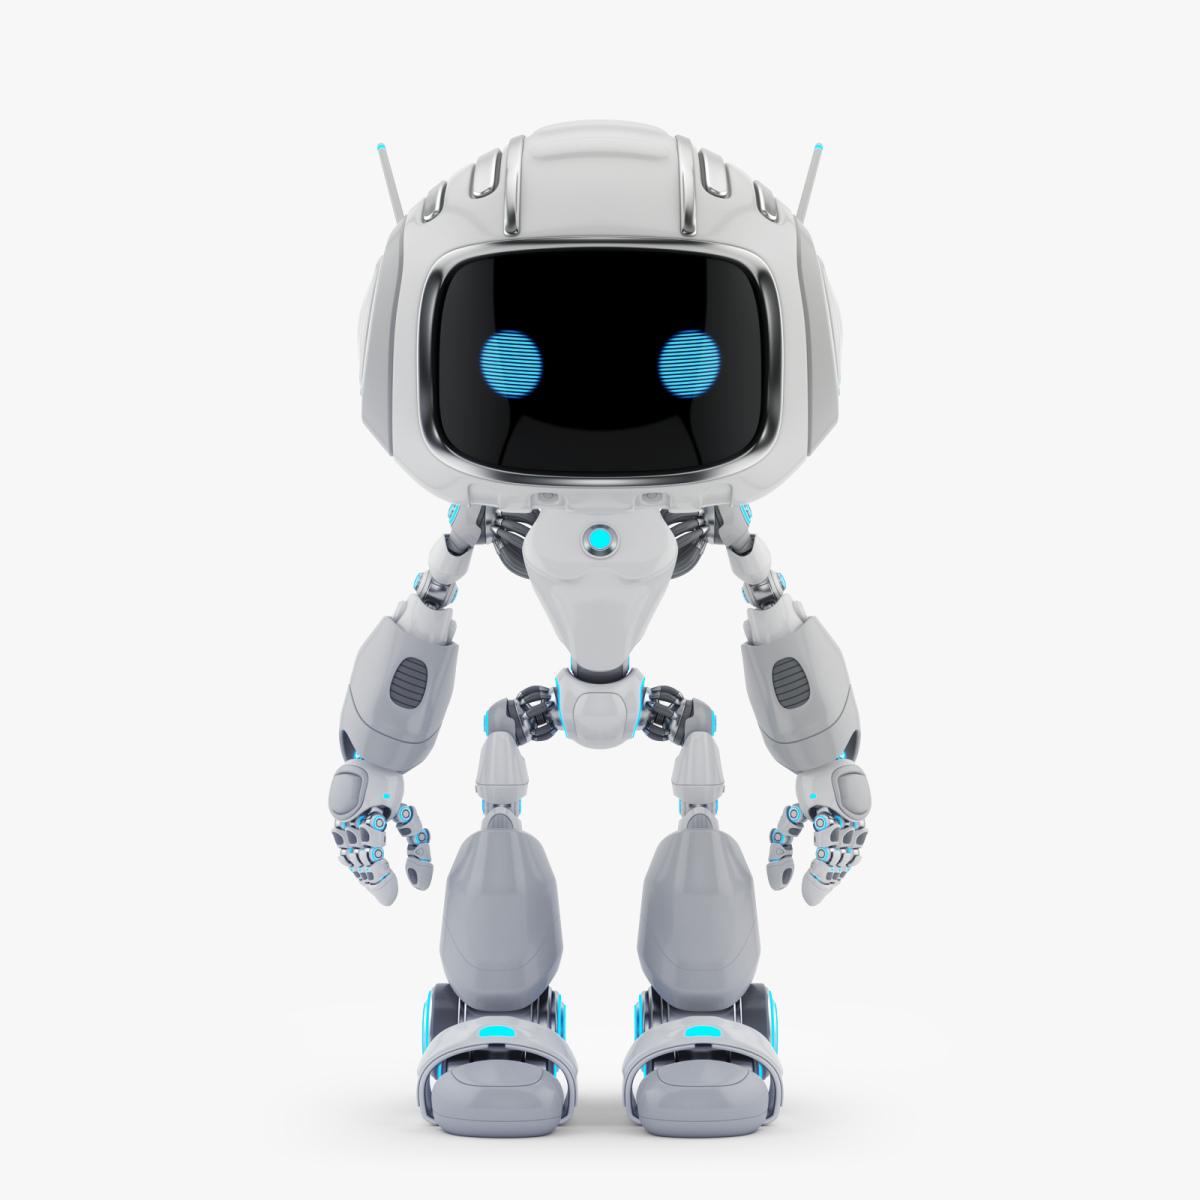 CUTE ALIEN ROBOT IV 01